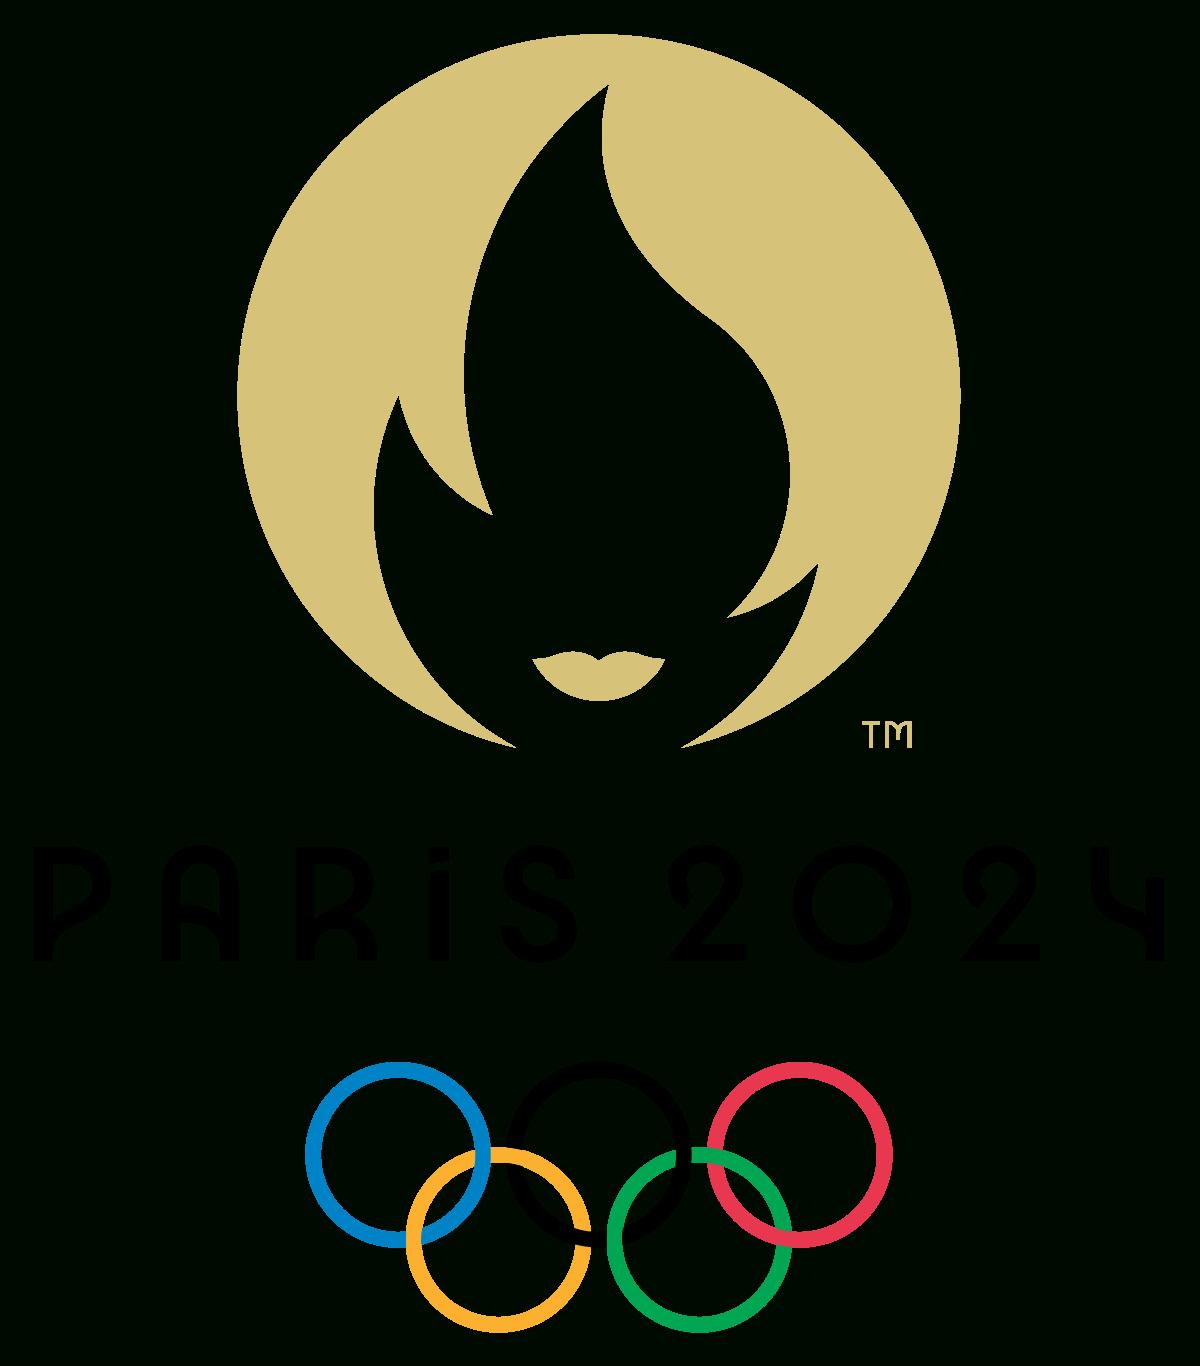 Jeux Olympiques D'été De 2024 — Wikipédia intérieur Jeu Villes France